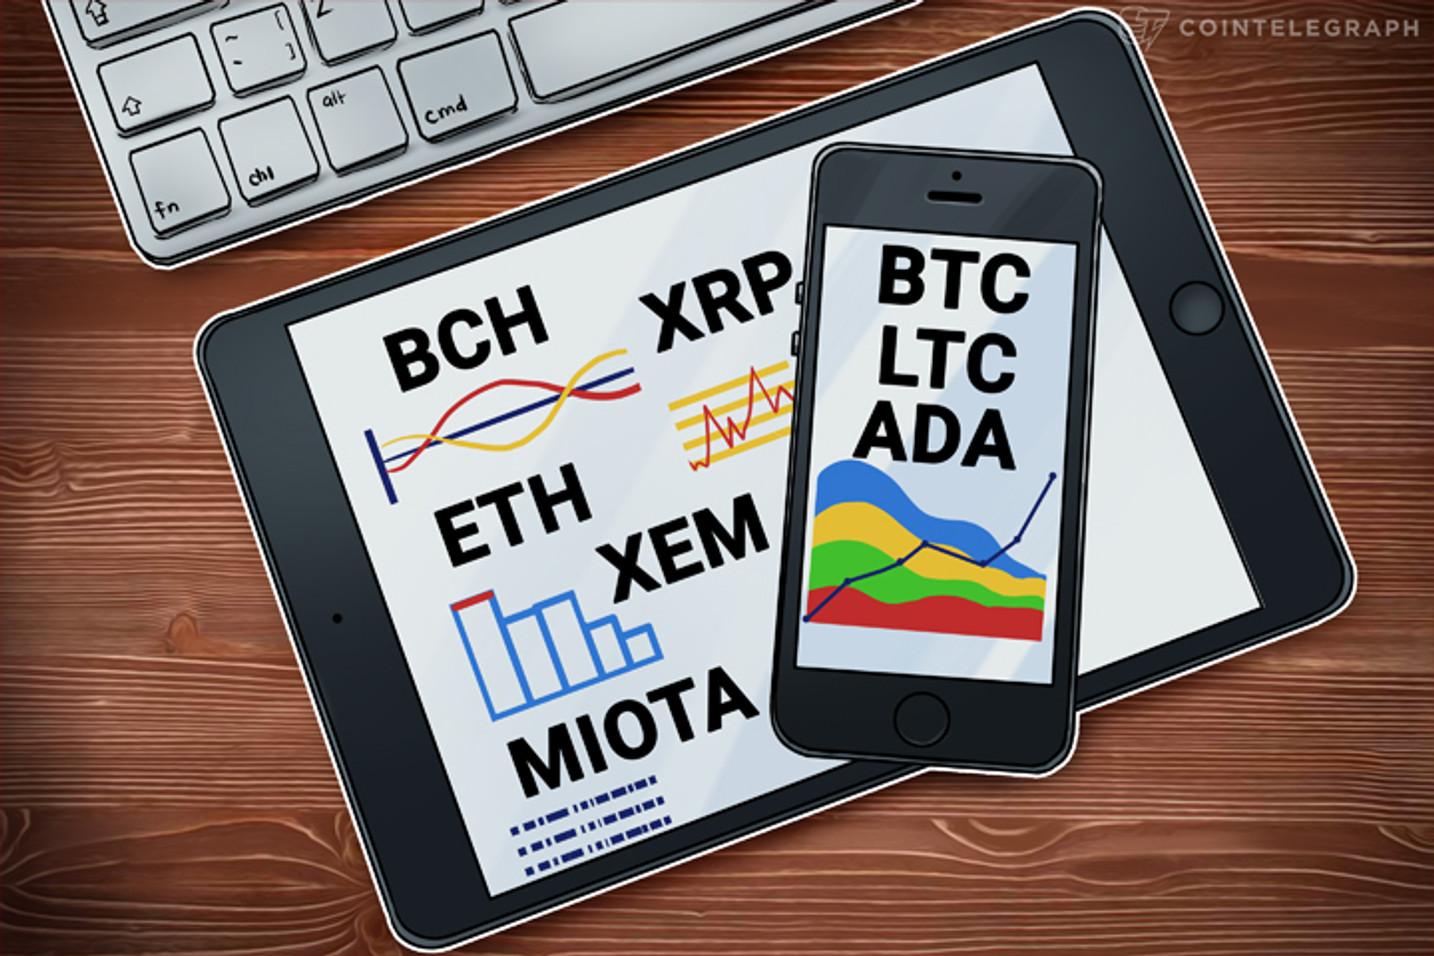 18年1月4日チャート分析・ビットコイン、イーサ、リップル、ビットコインキャッシュ、IOTA、ライトコイン、NEM、カルダノ